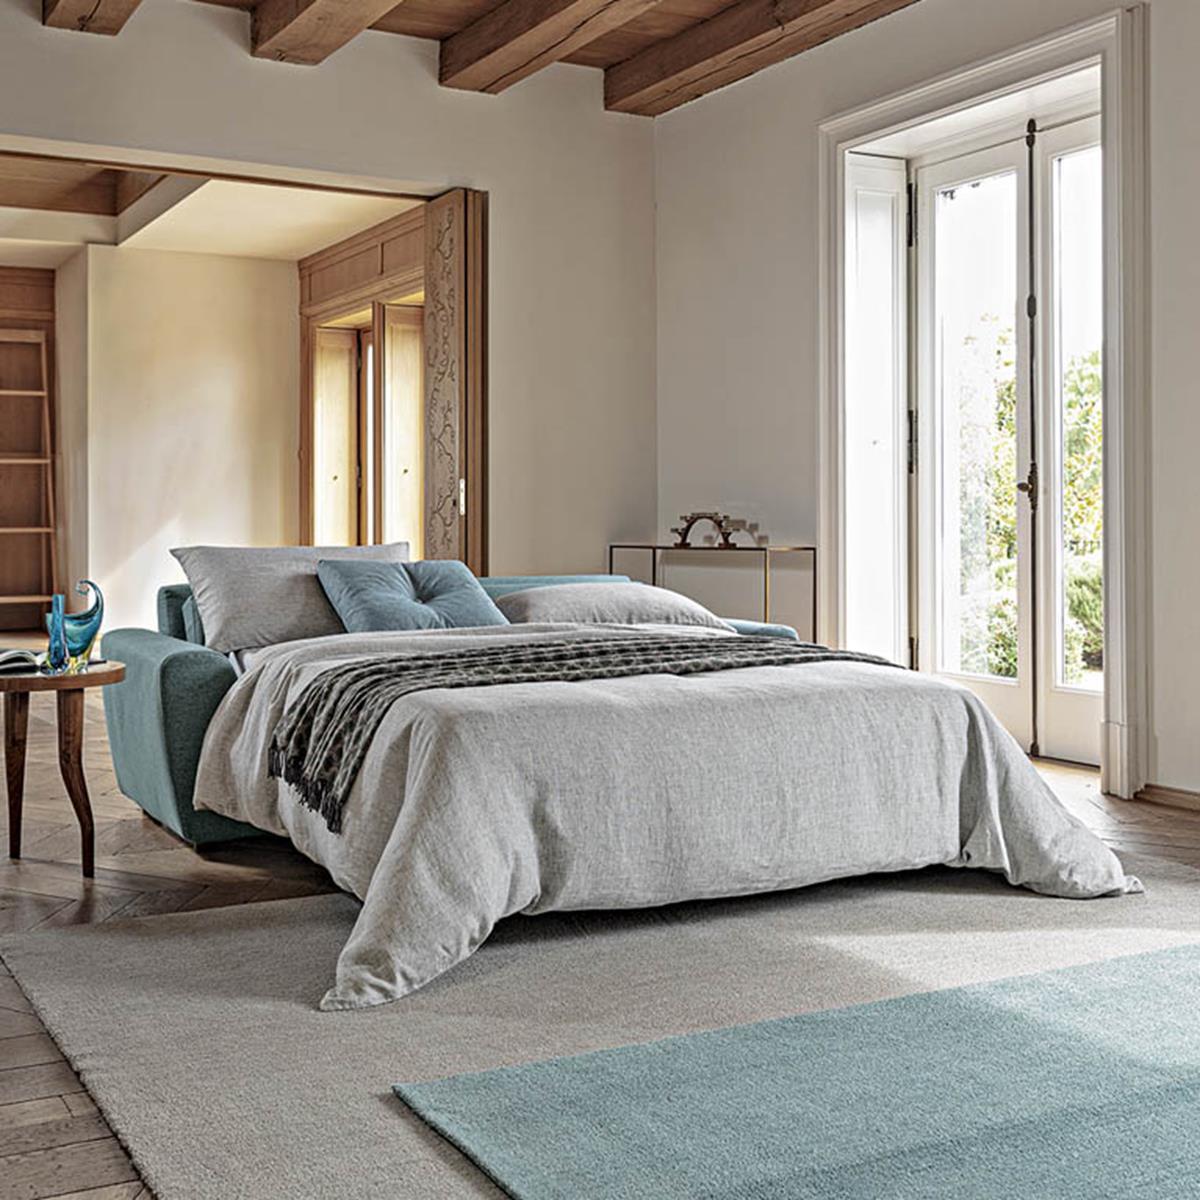 poltronesofa-collezione-divani-letto-20